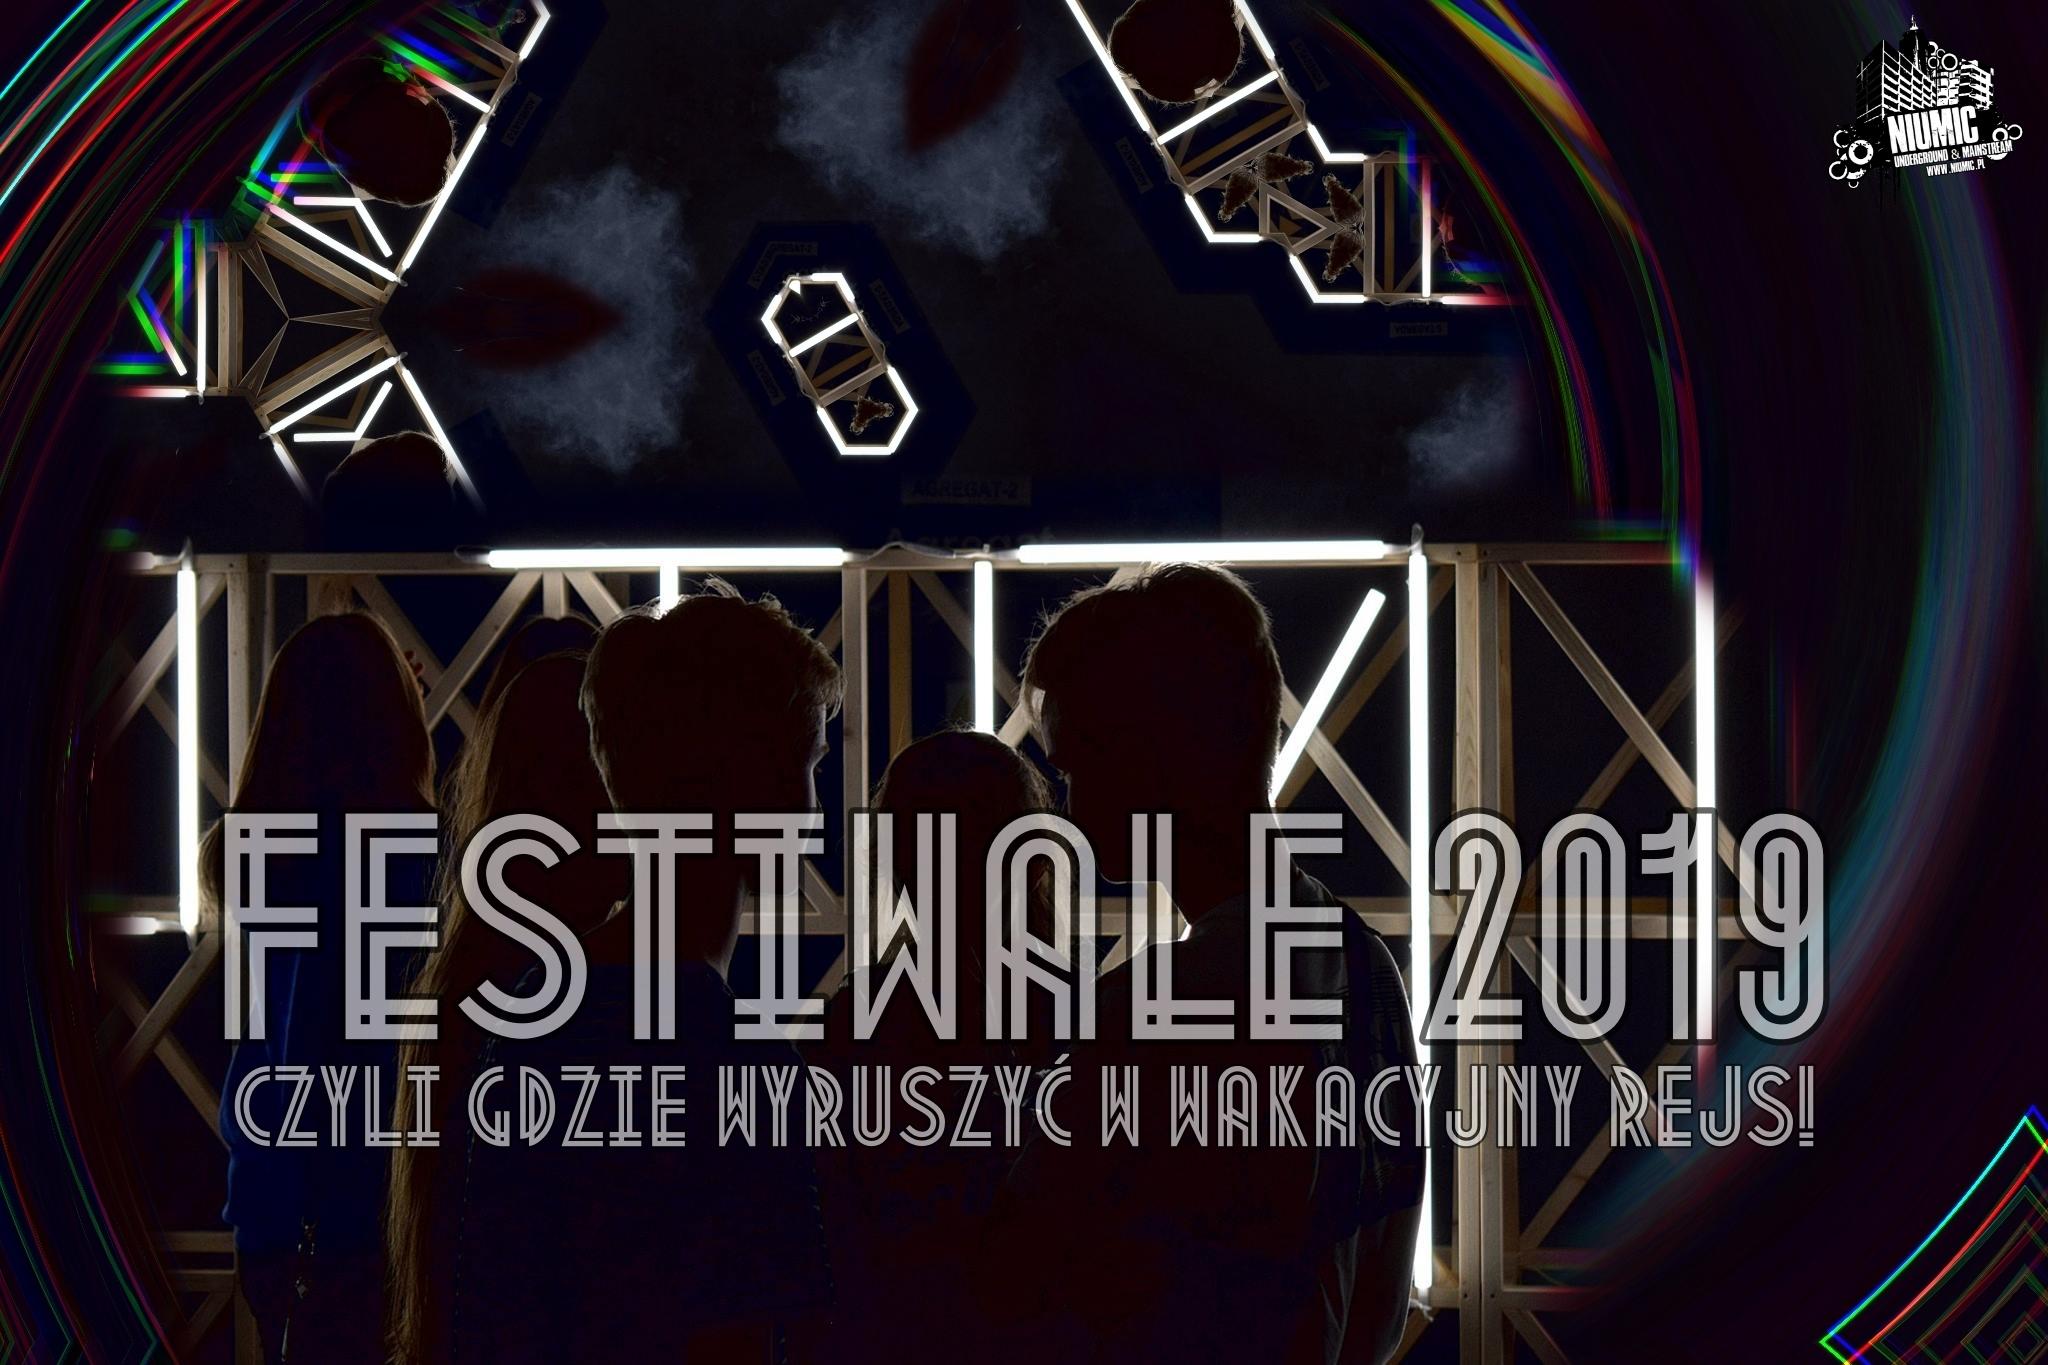 Festiwale 2019 || Czyli gdzie wyruszyć w wakacyjny rejs!